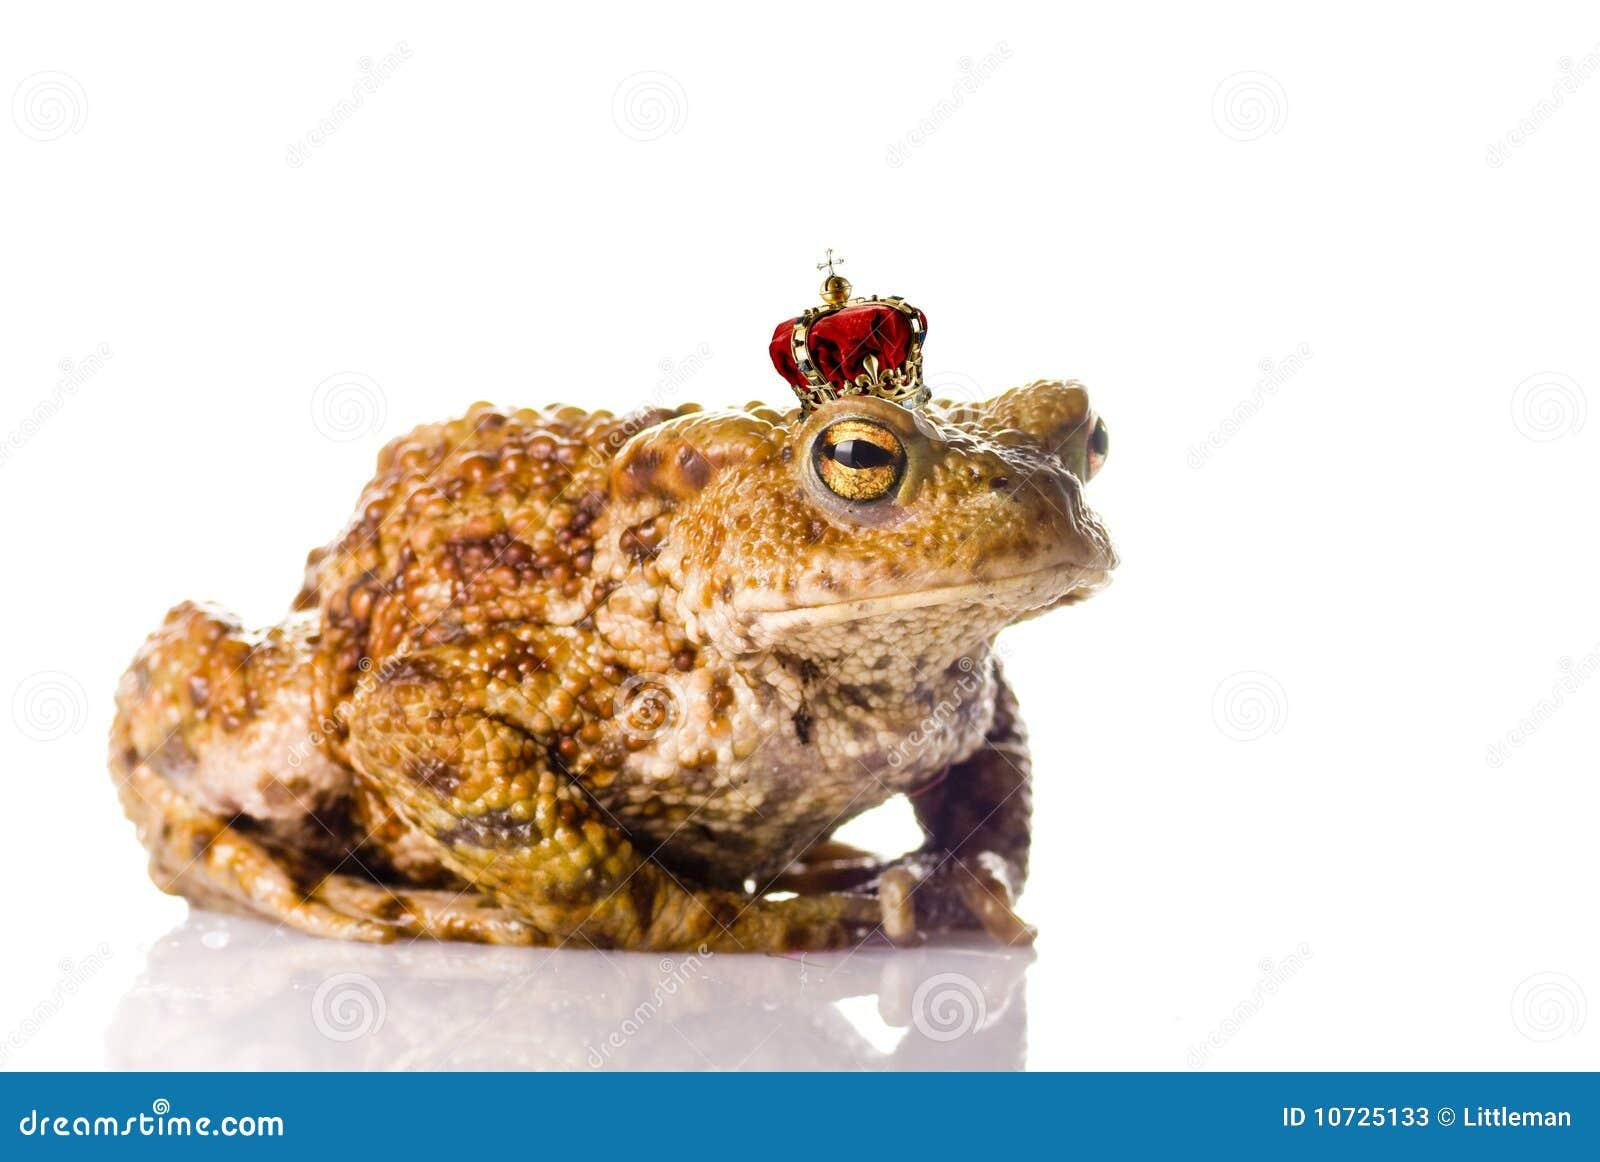 Der Frosch-Prinz